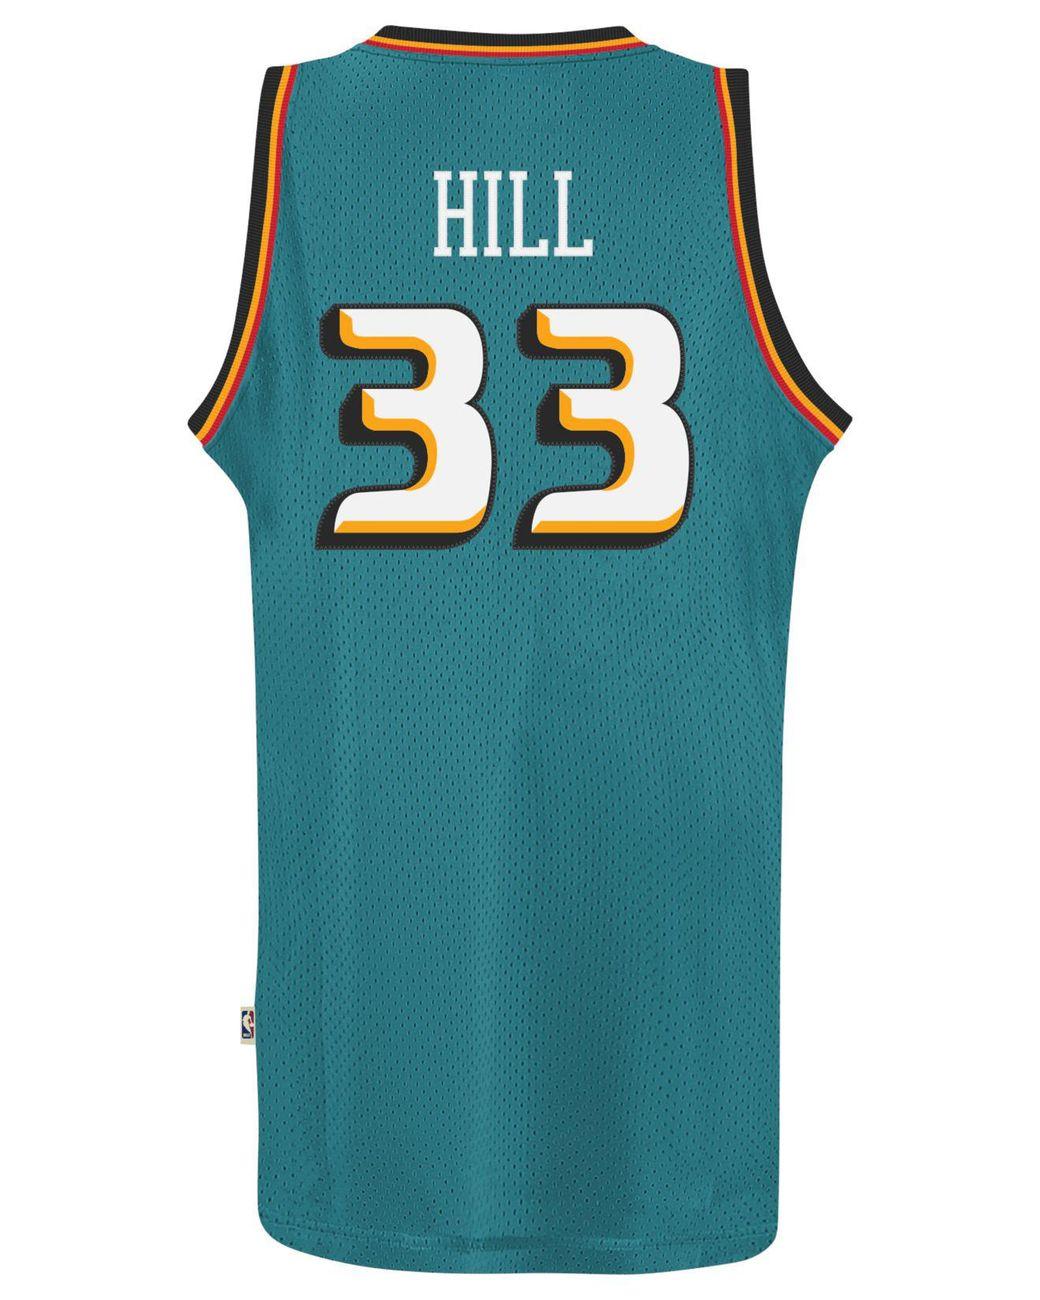 new styles 16549 c4e22 Blue Men's Grant Hill Detroit Pistons Retired Player Swingman Jersey